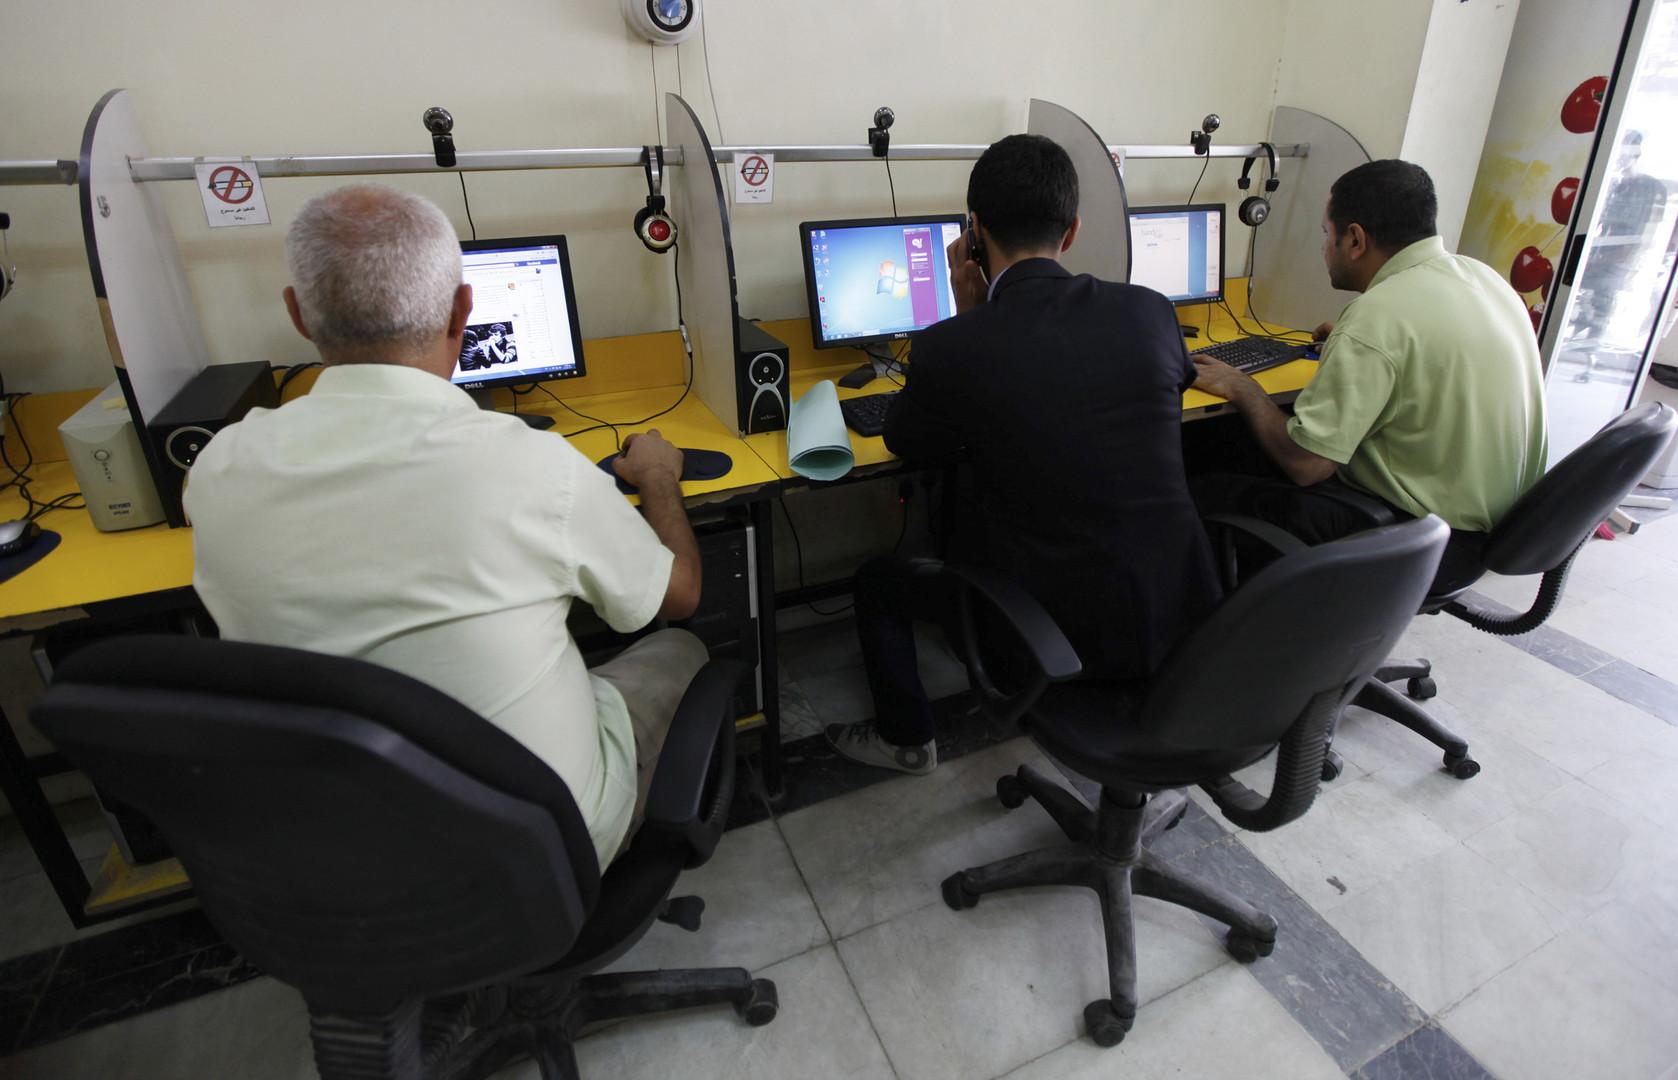 خبيرة لـRT: خدمة الإنترنت في العراق مهددة بالانتهاء خلال عامين